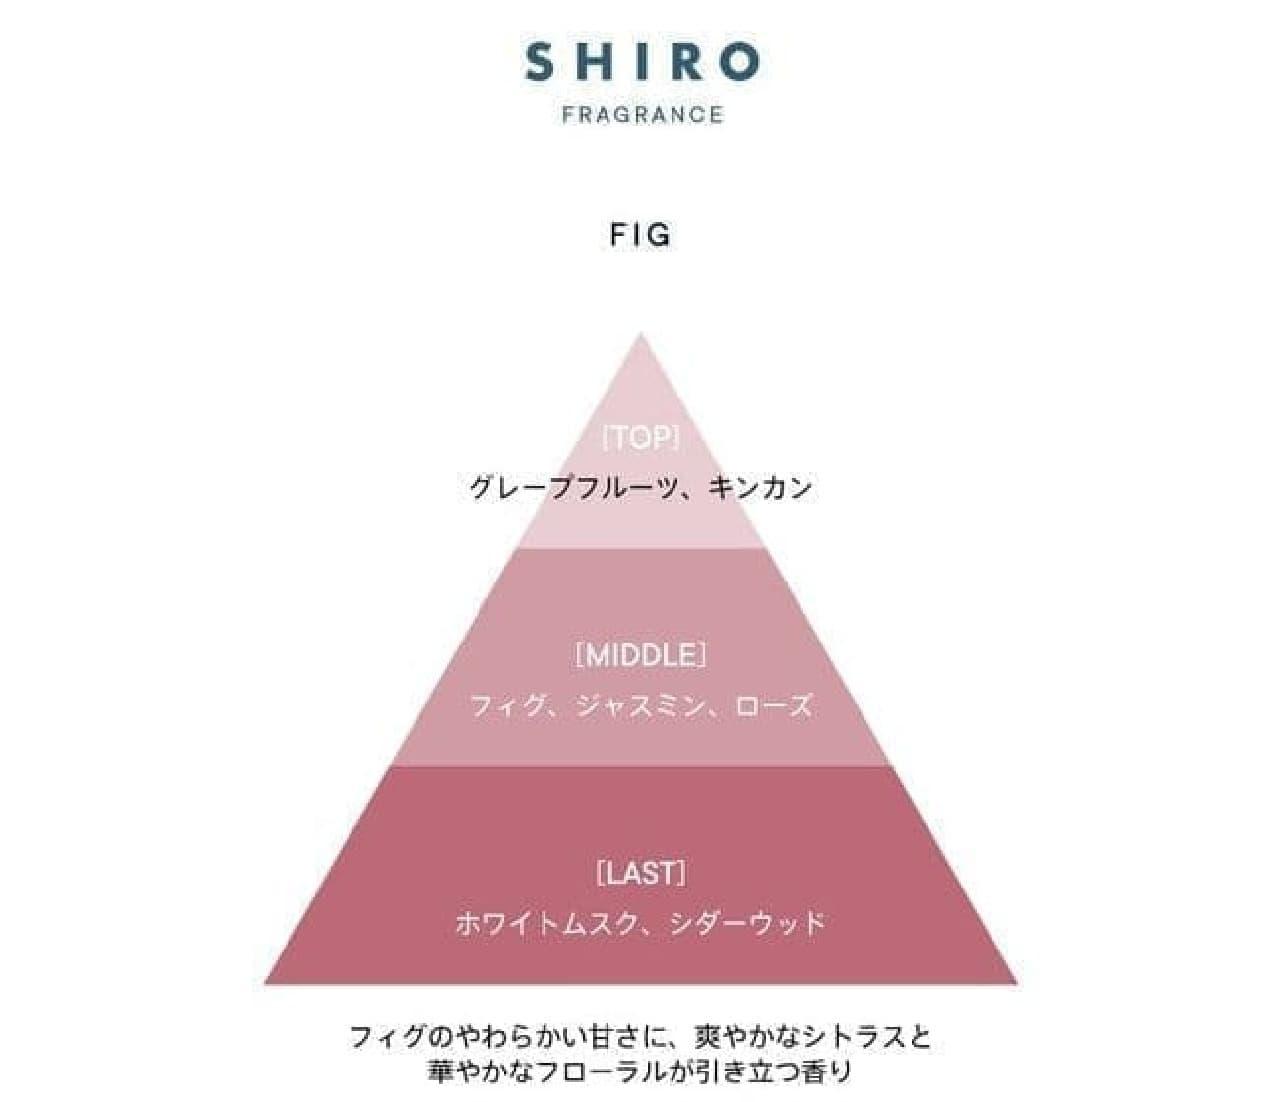 SHIRO フレグランス「フィグ」